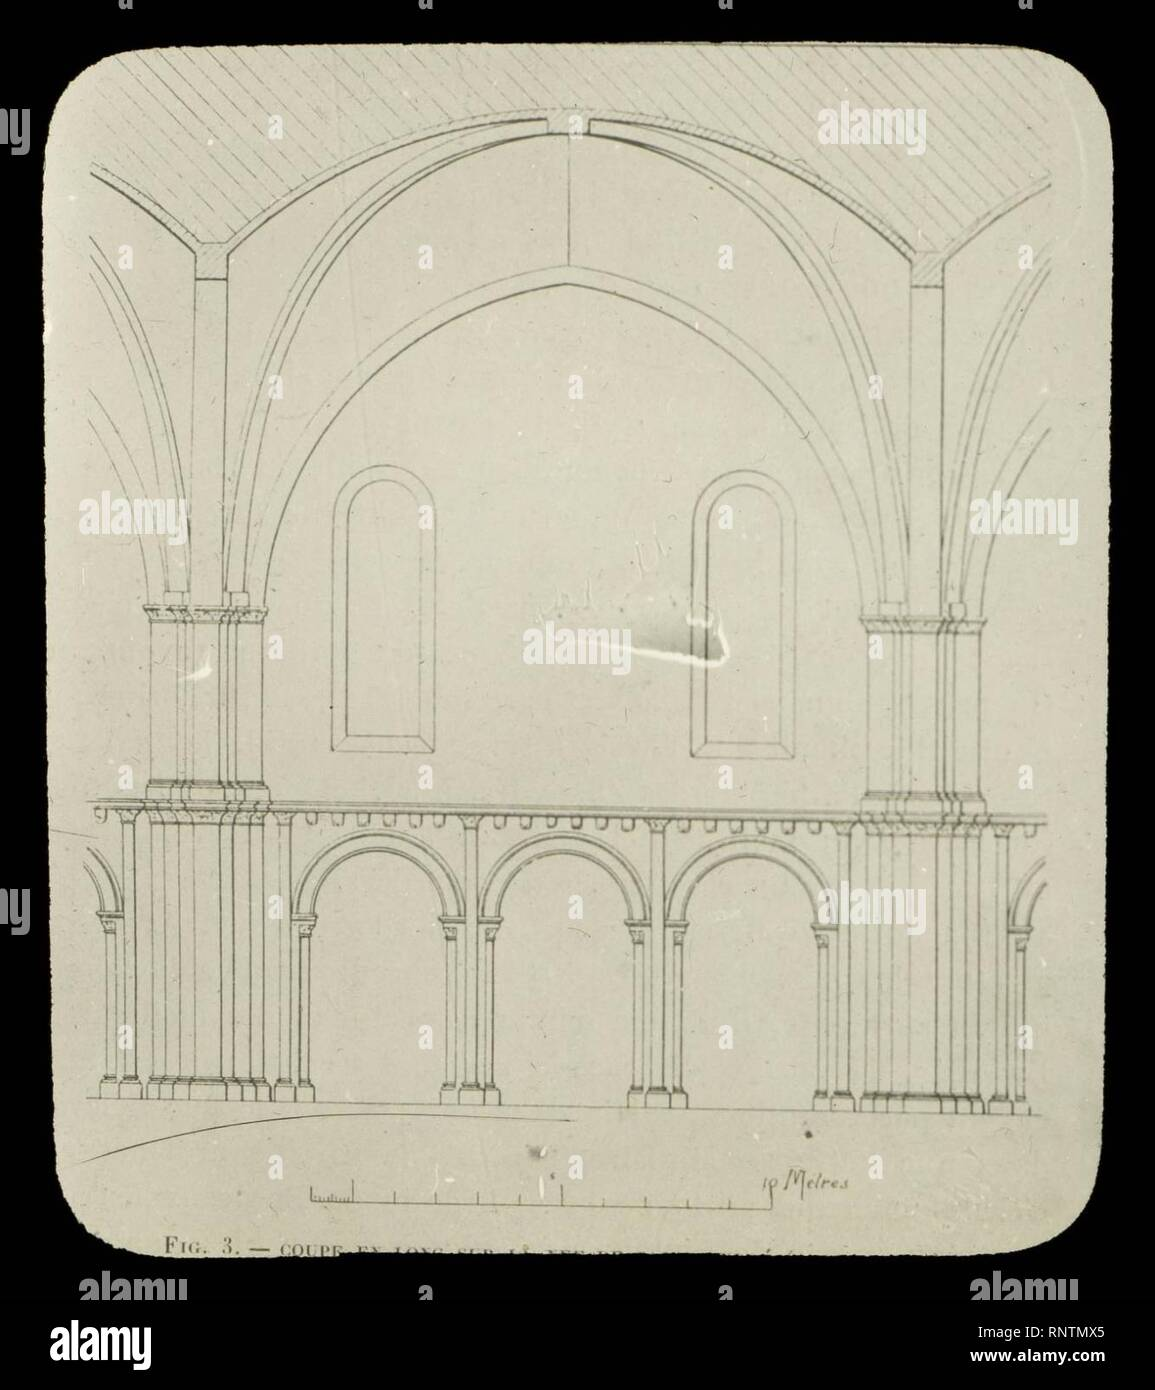 Carte Universite De Bordeaux.Cathedrale Saint Andre De Bordeaux J A Brutails Universite